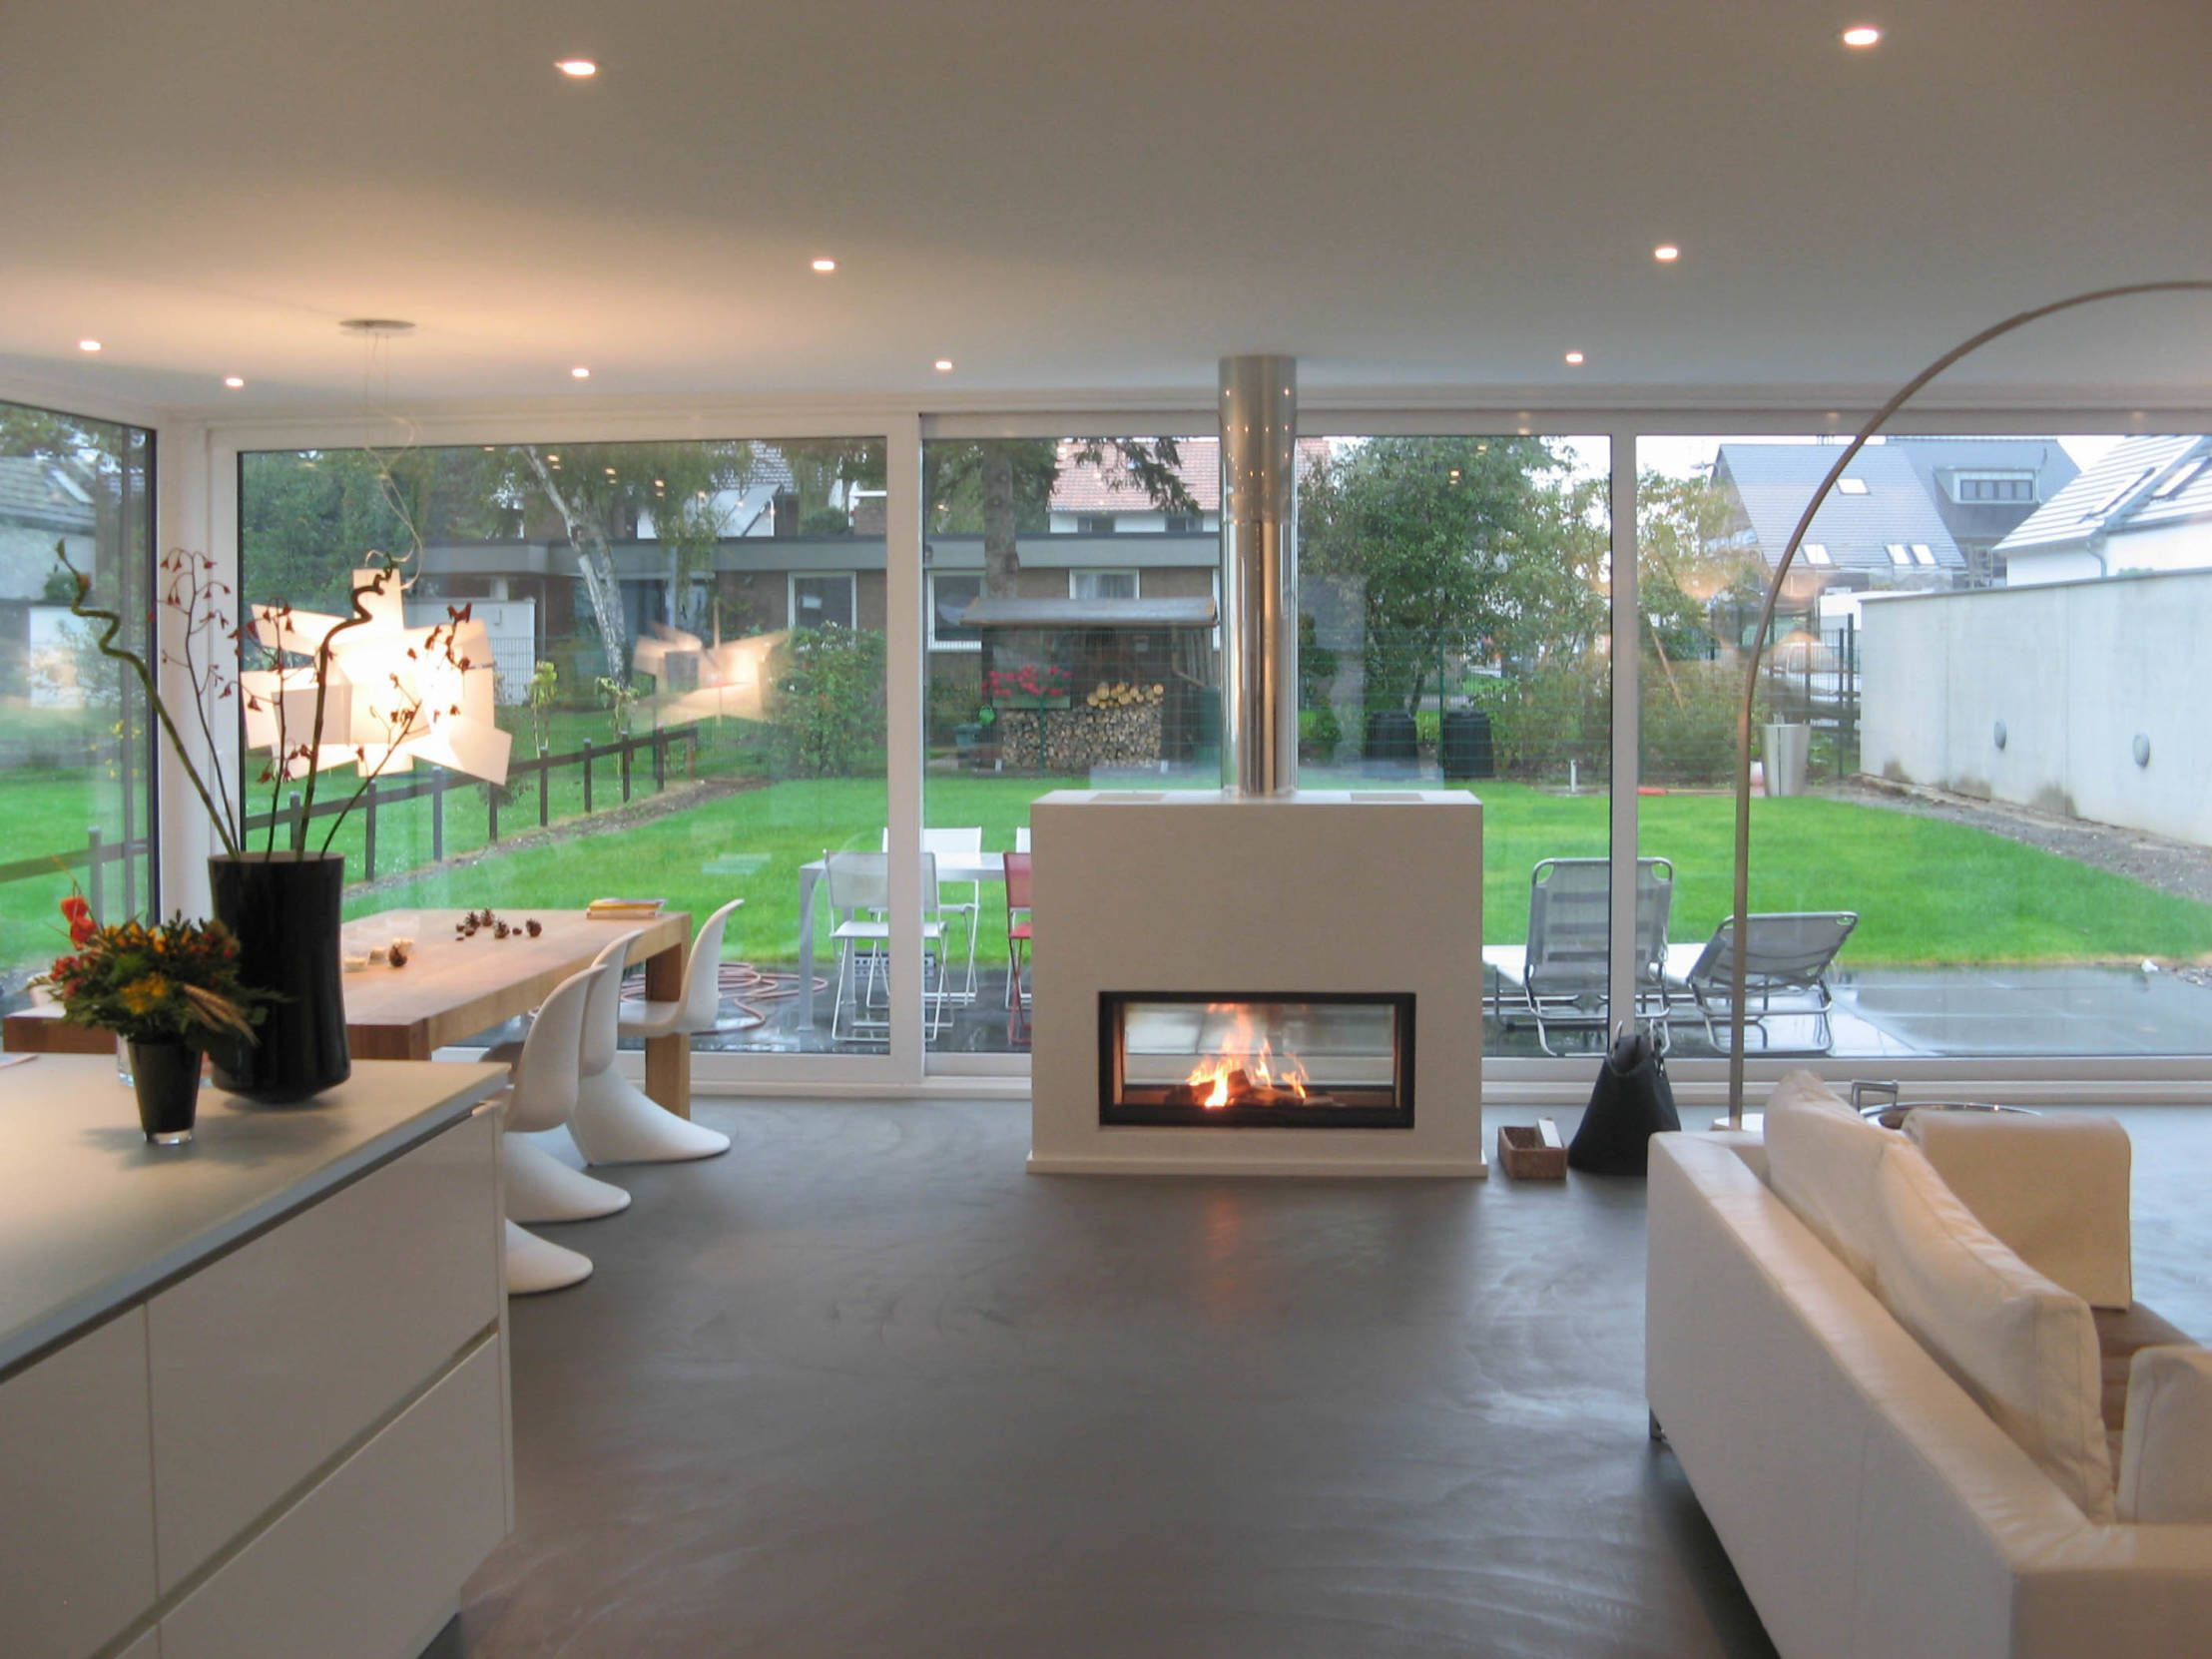 Home office mit ausblick design bilder  Kleines Haus mit ganz viel Platz | Exterior design, Haus and Interiors